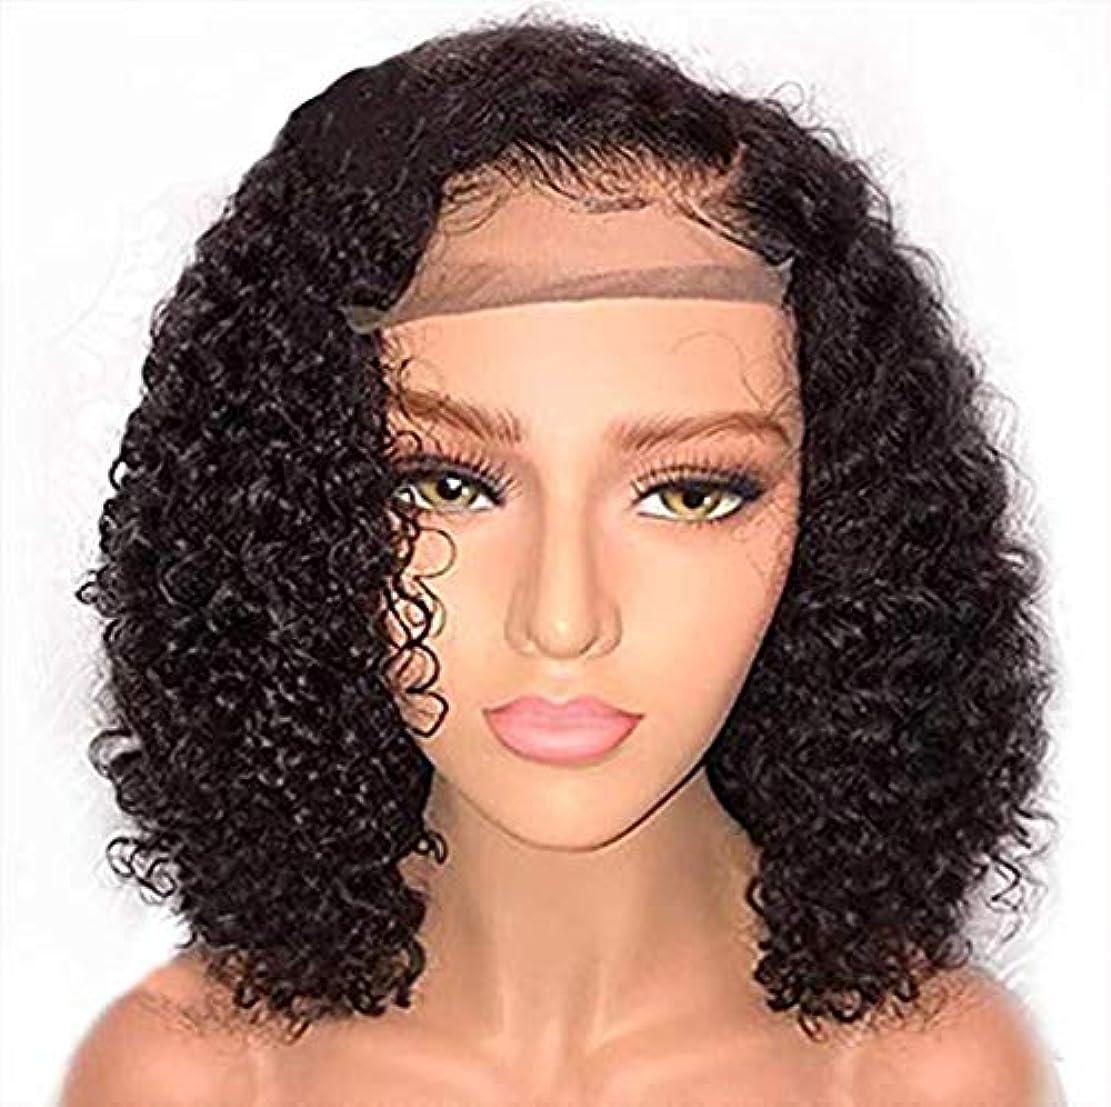 拍手する郵便屋さん音声短いボブバージン人毛グルーレスレースフロントかつら女性150%密度と事前に摘み取られたヘアライン漂白ノットカーリーボブかつら14インチ